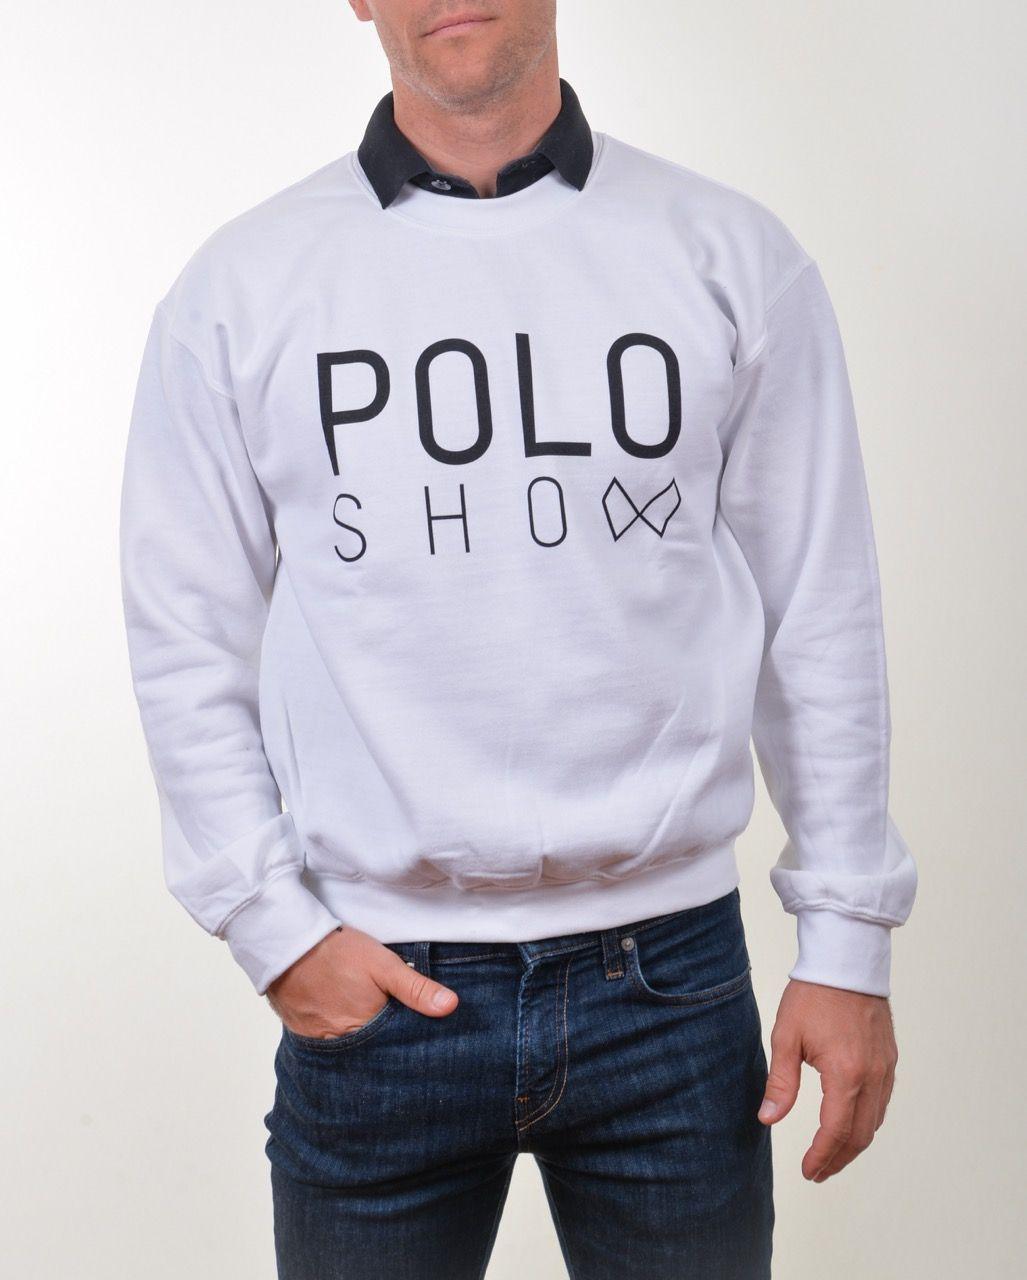 Poloshow Sweater white 4